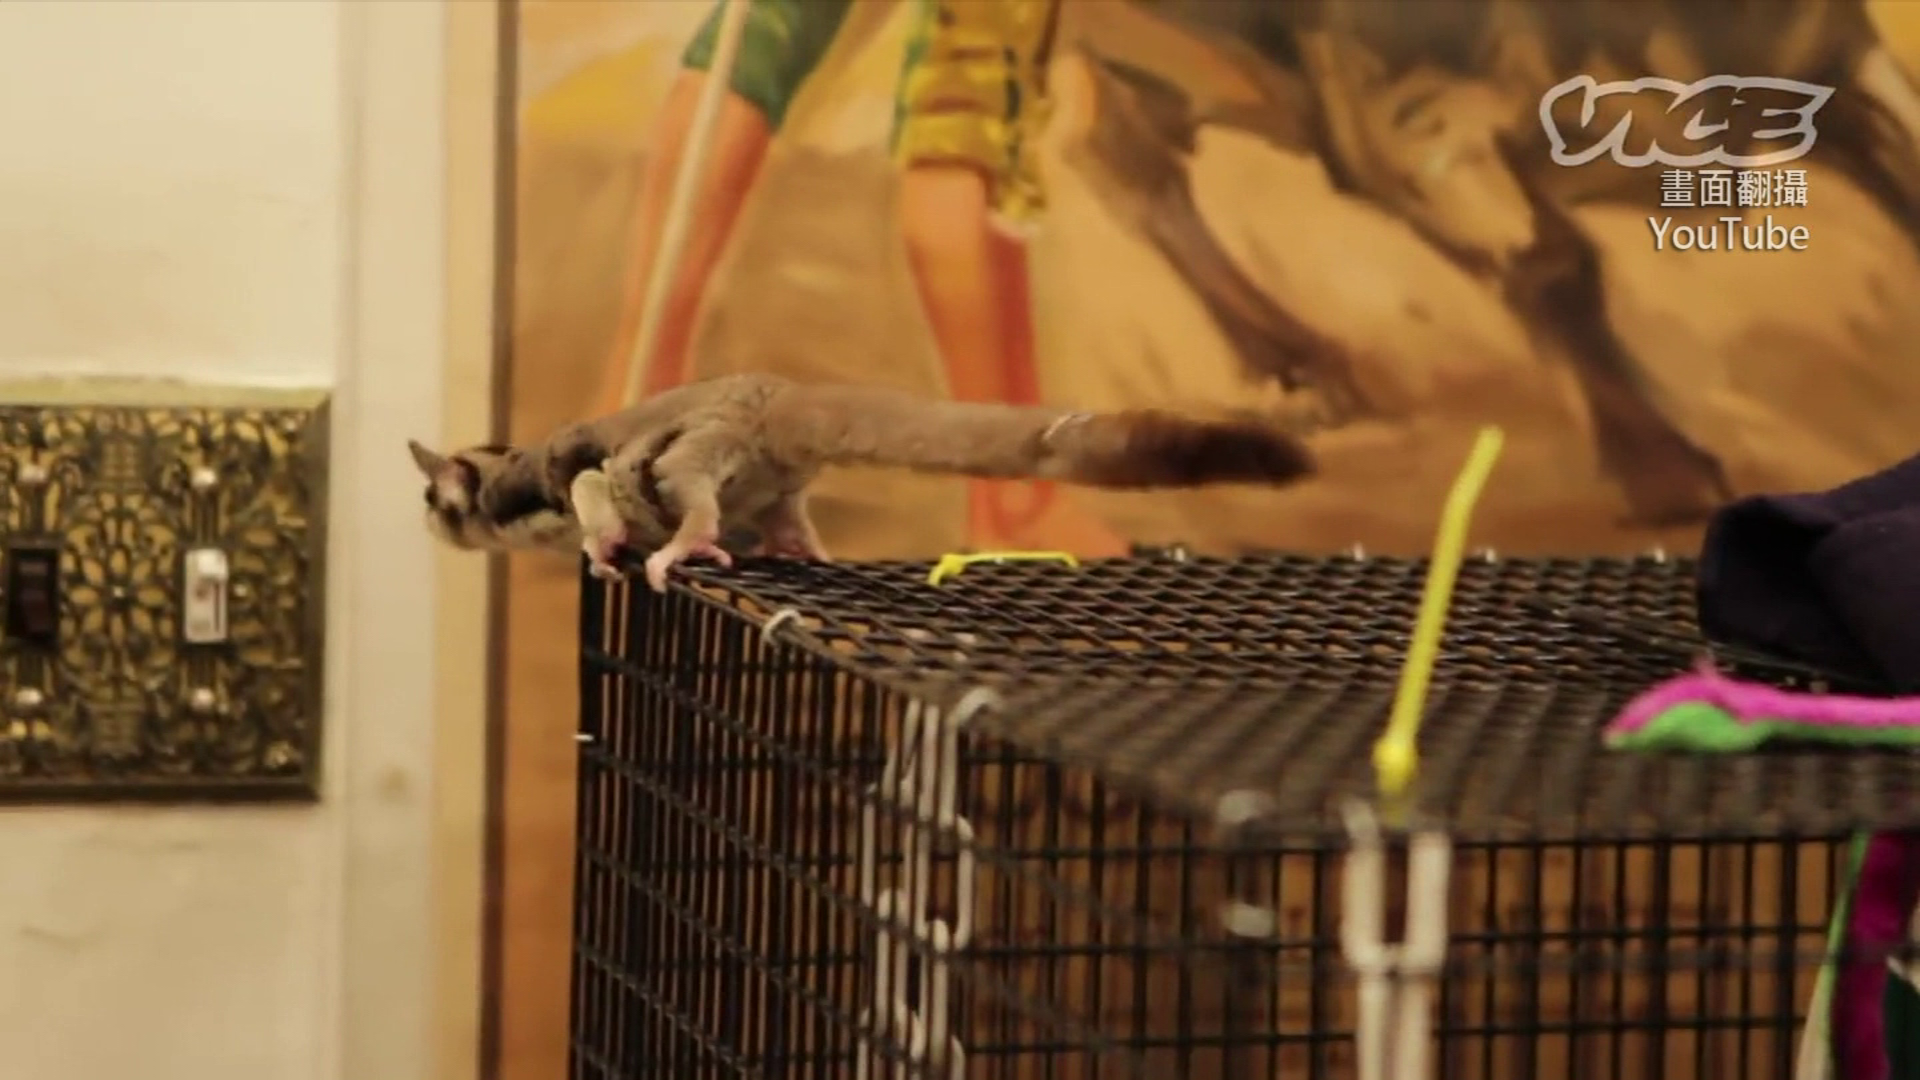 考學測遭寵物鼠「爬身」! 懲處待2/18考試委員會決議出爐